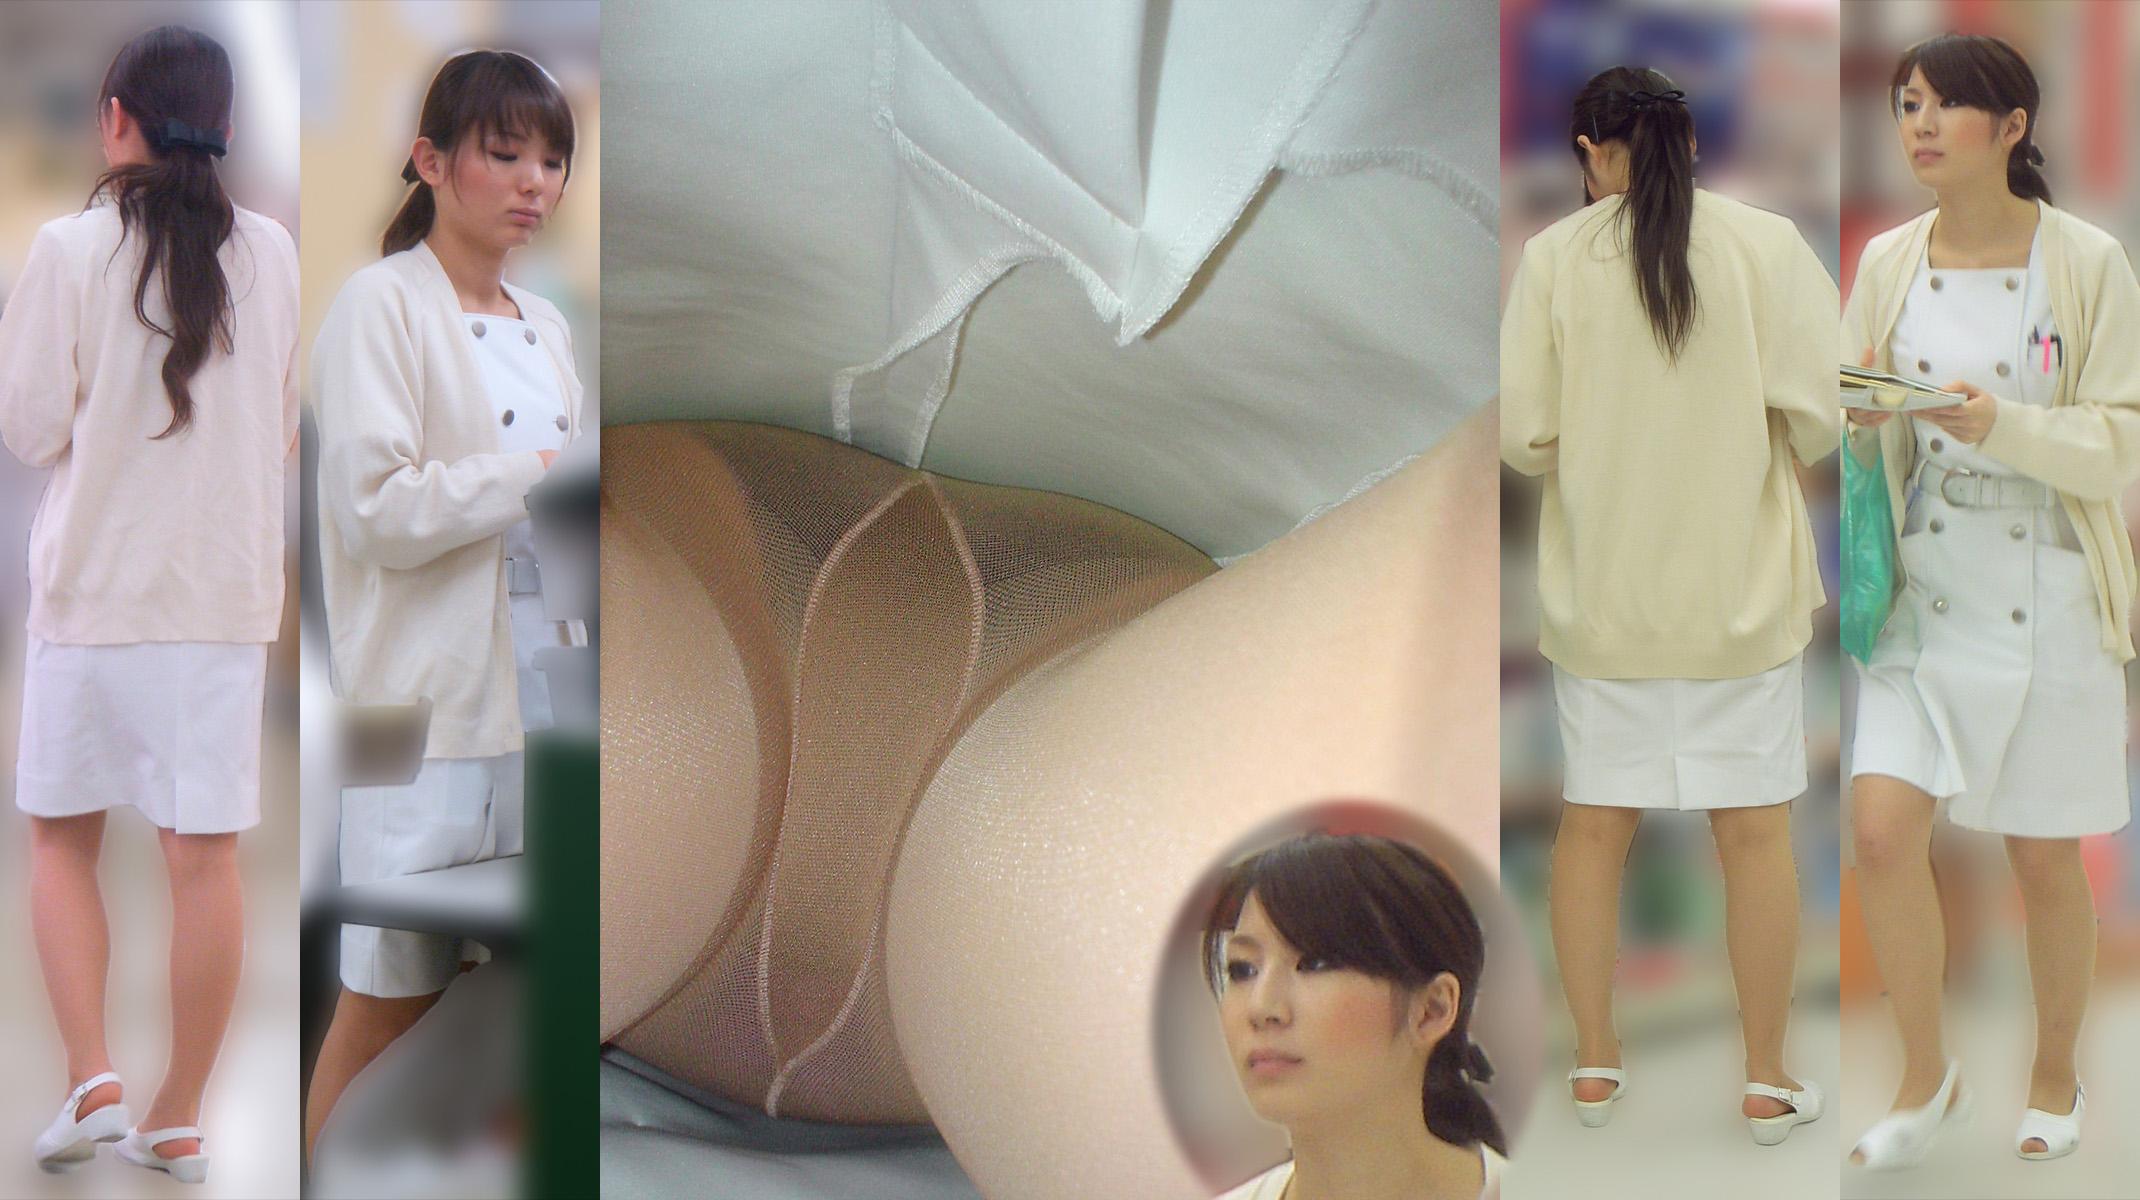 白衣ナースの厚手のパンスト魅惑的逆さ盗撮エロ画像11枚目